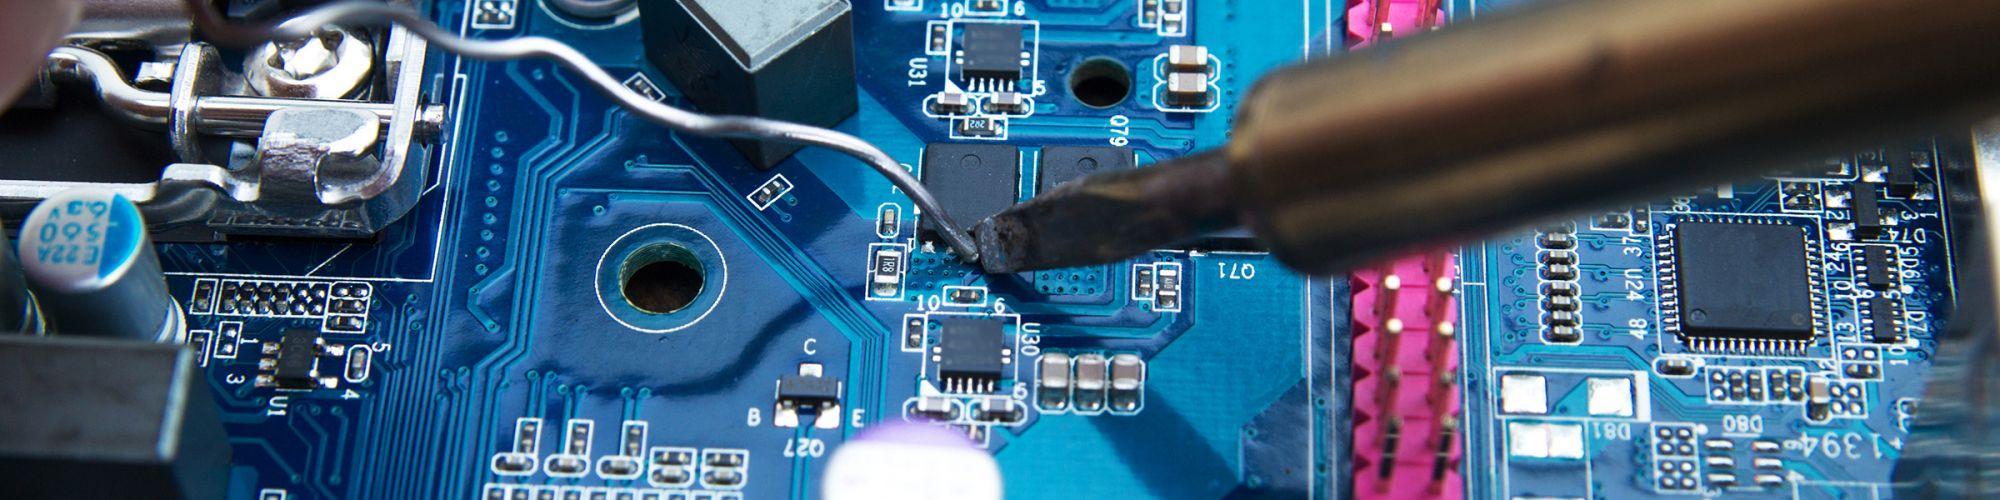 Platine mit Mikroprozesser und Kondensatoren wird durchgemessen - Mainboard